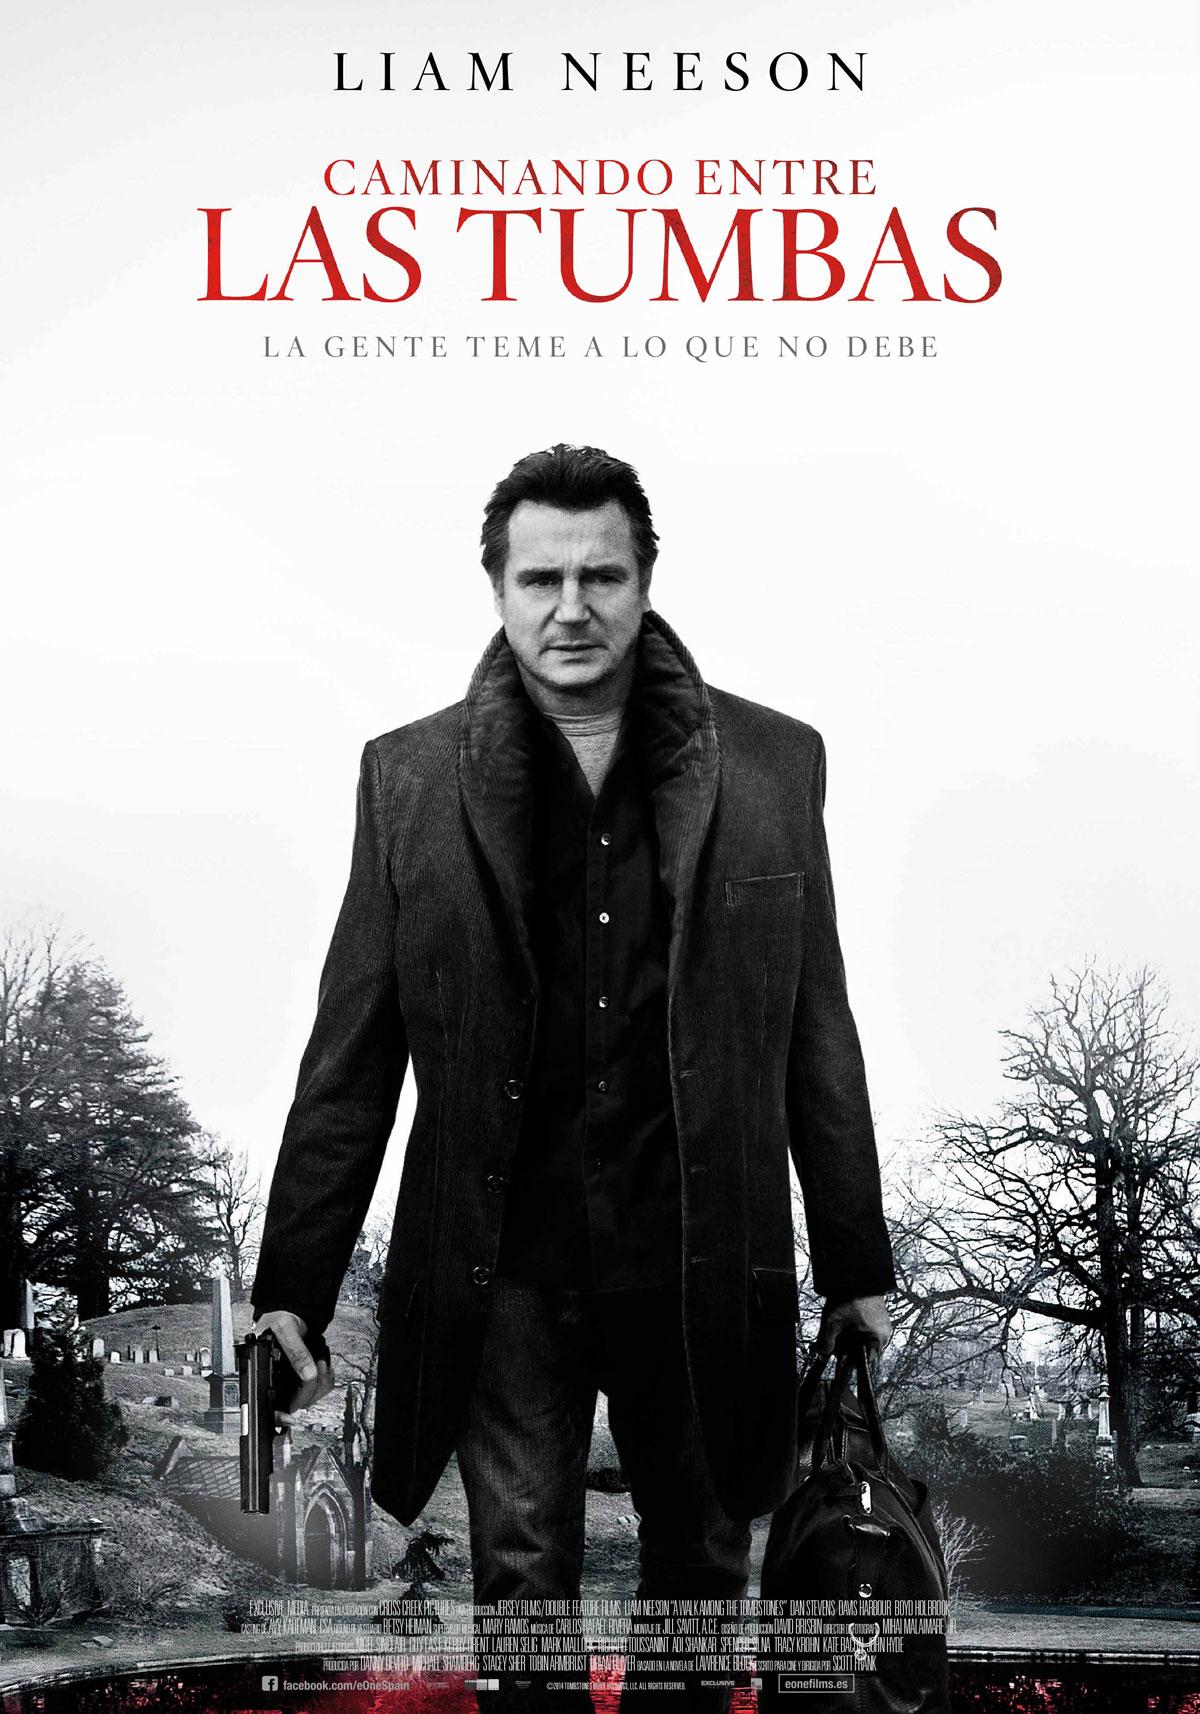 Caminando entre las tumbas - Película 2014 - SensaCine.com